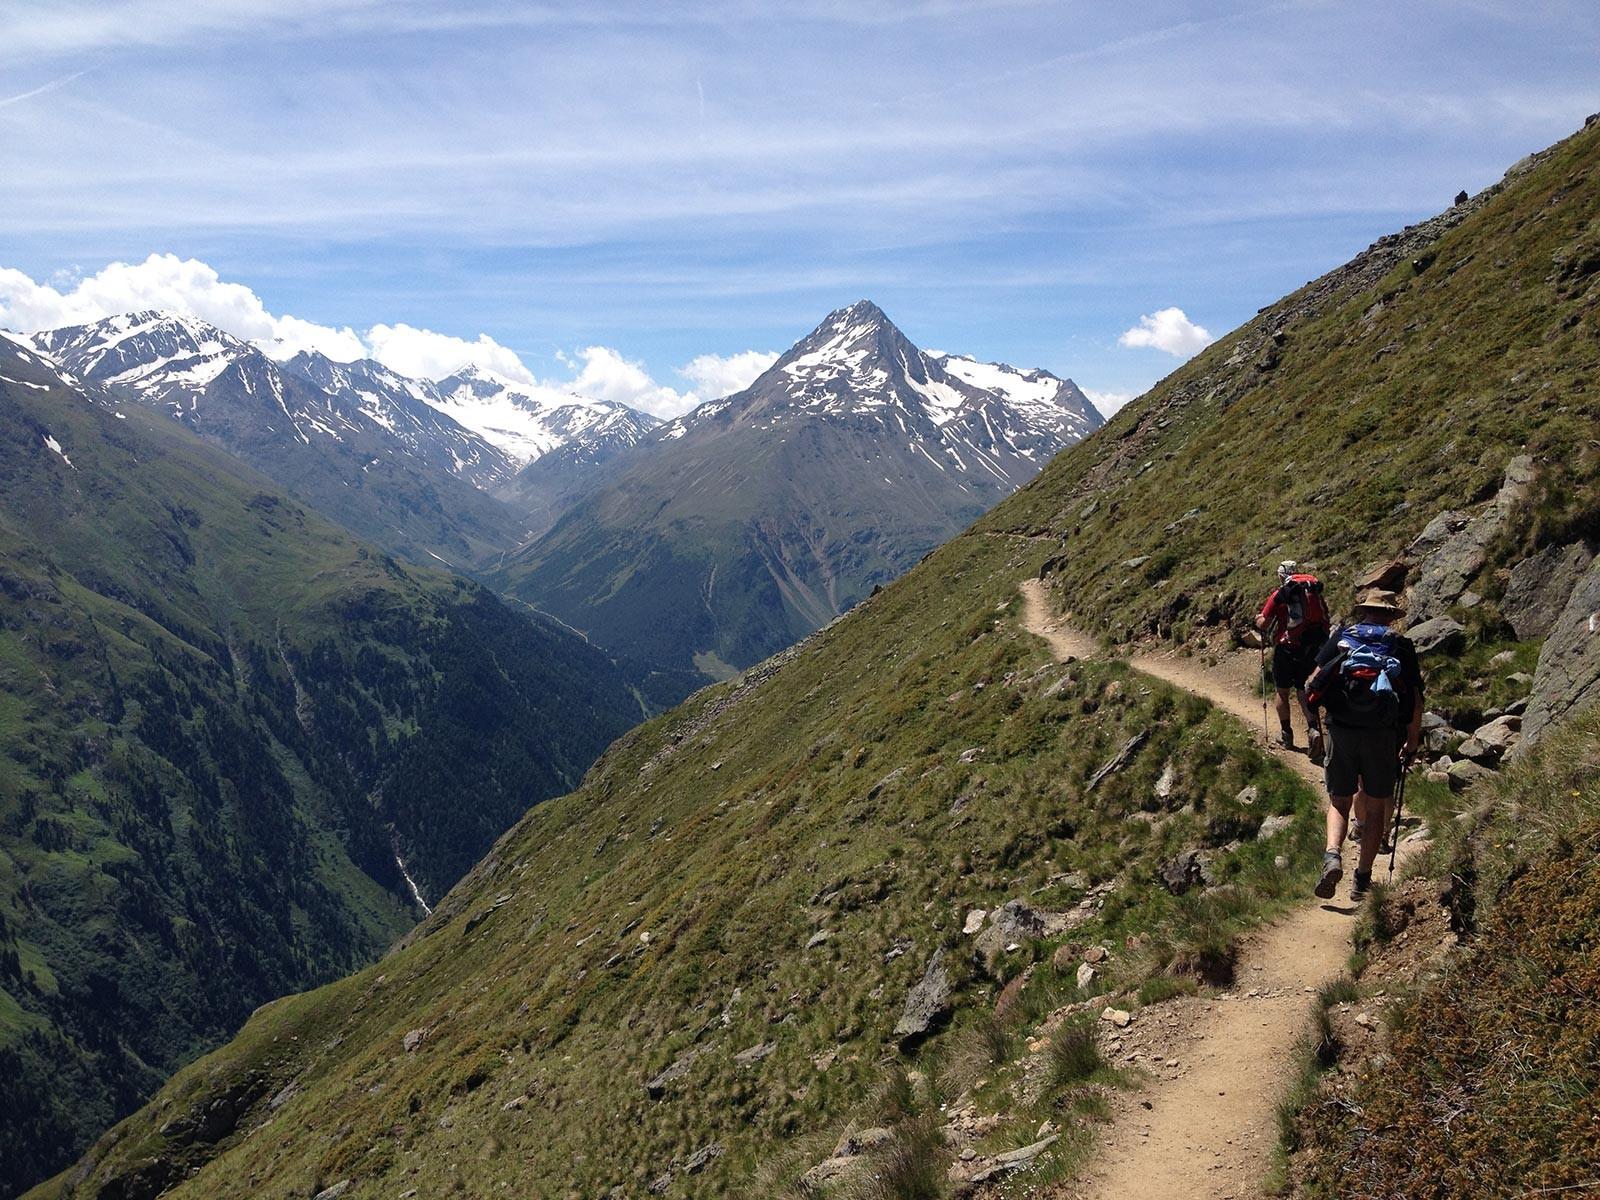 Blick zum Similaun, durch das Tal in der Mitte geht der Aufstieg zur Martin-Busch-Hütte